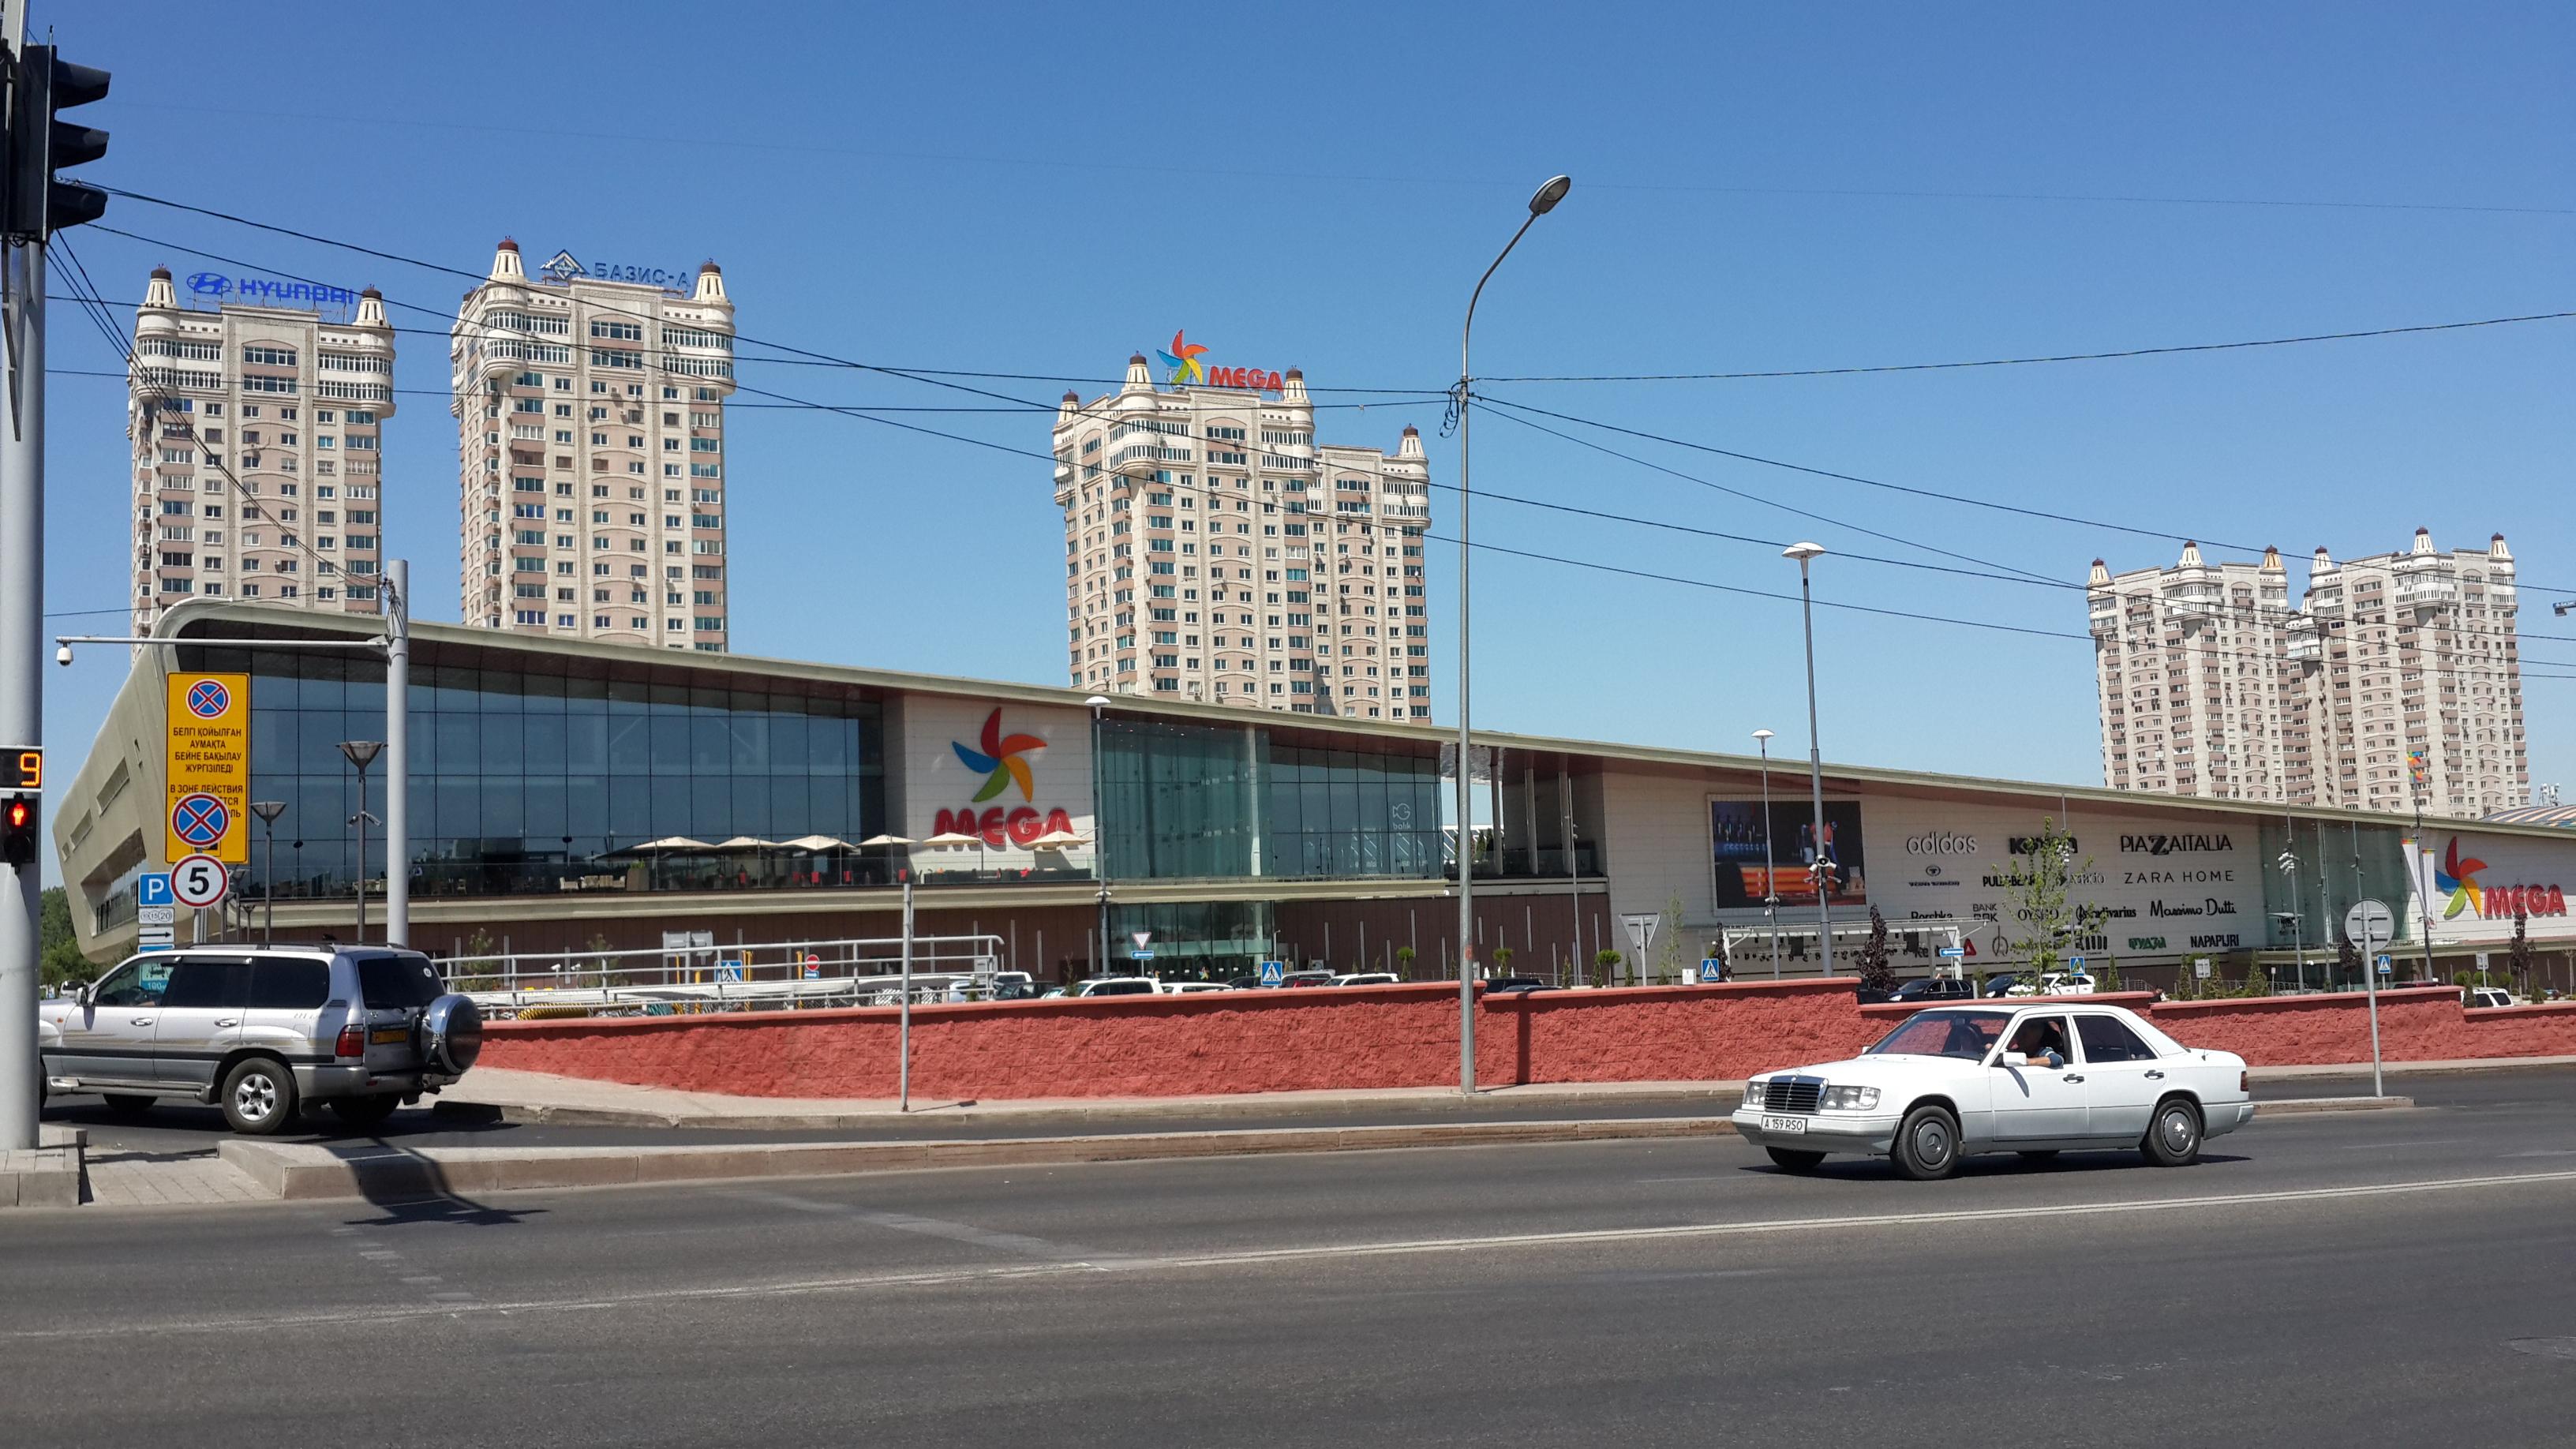 Mega Center and Mega Towers in Almaty, Kazakhstan.